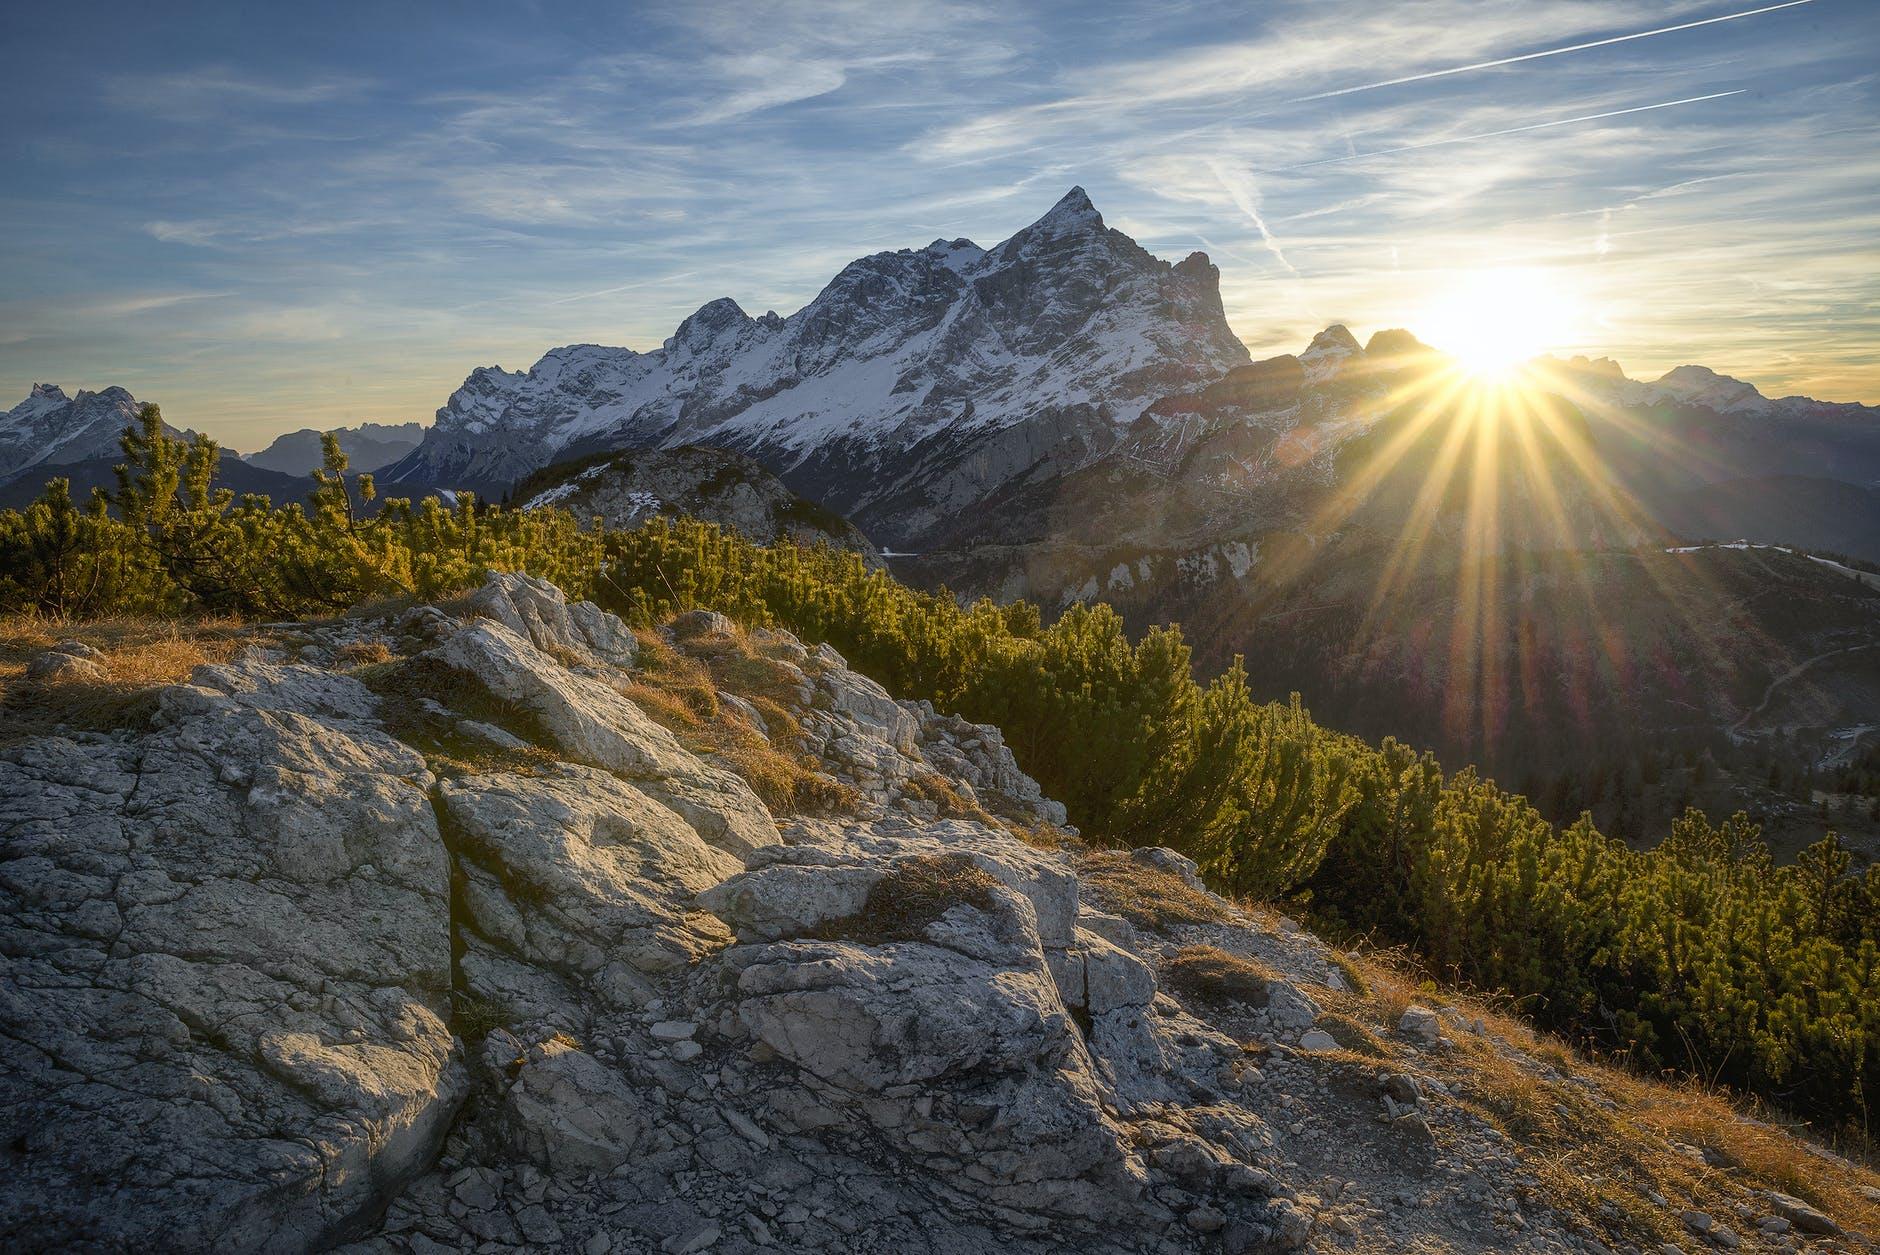 Góry skalne a nad nimi zachodzące słońce